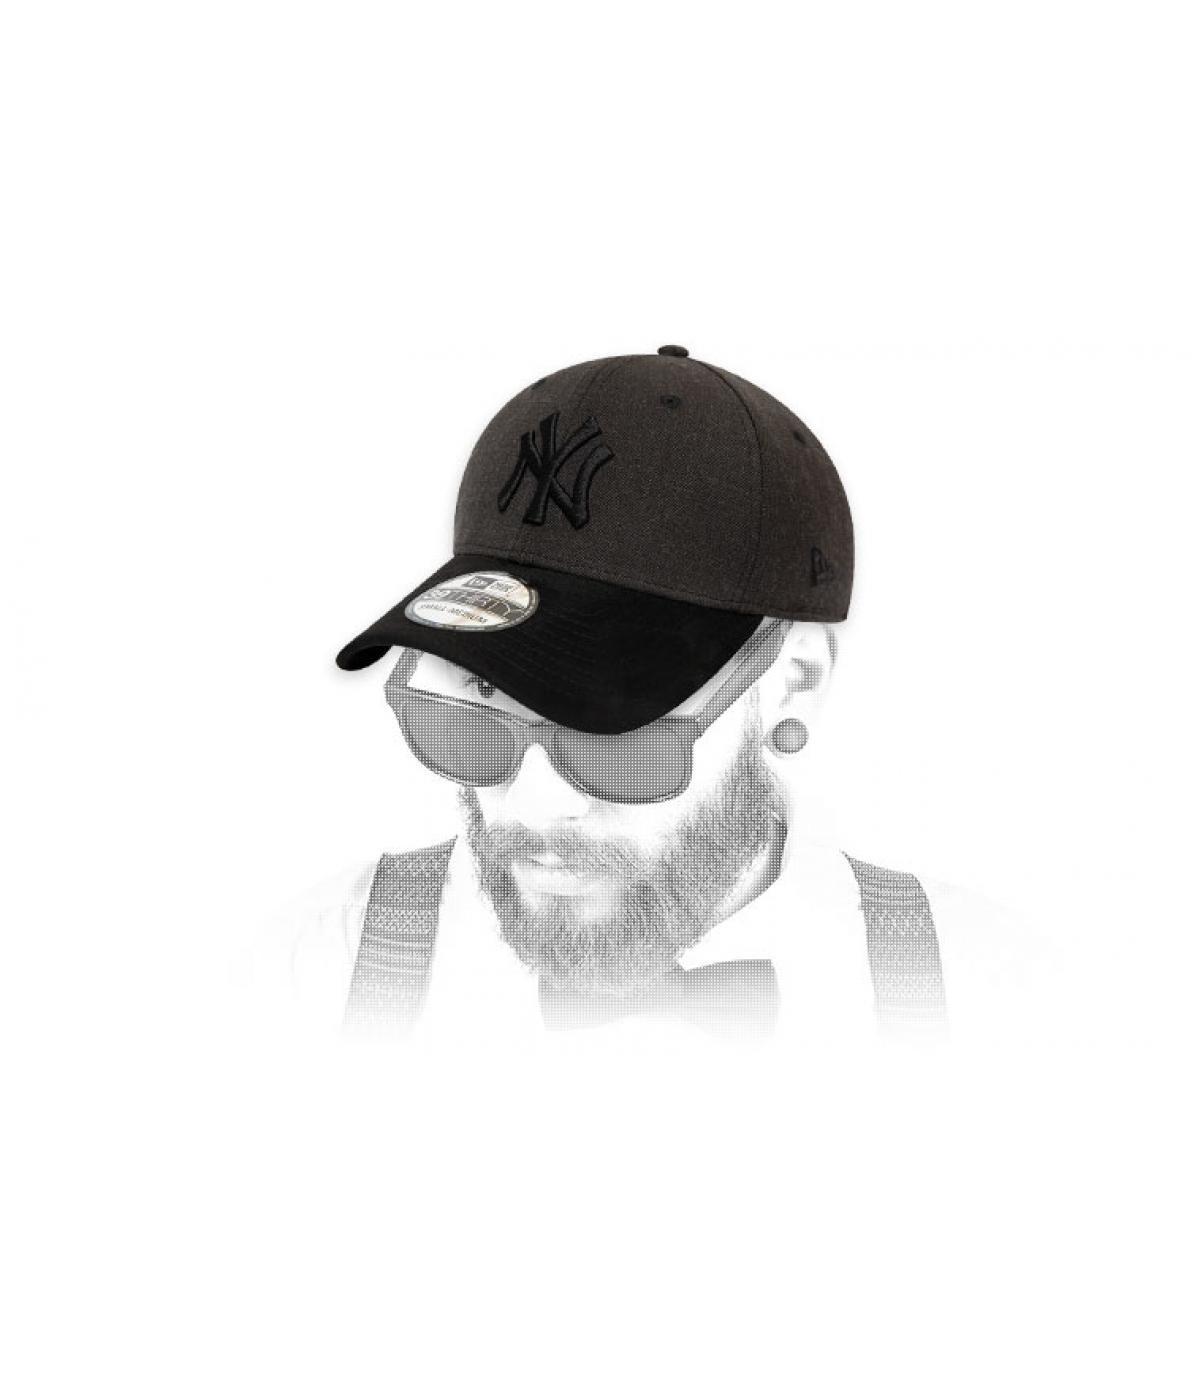 grey black NY cap suede